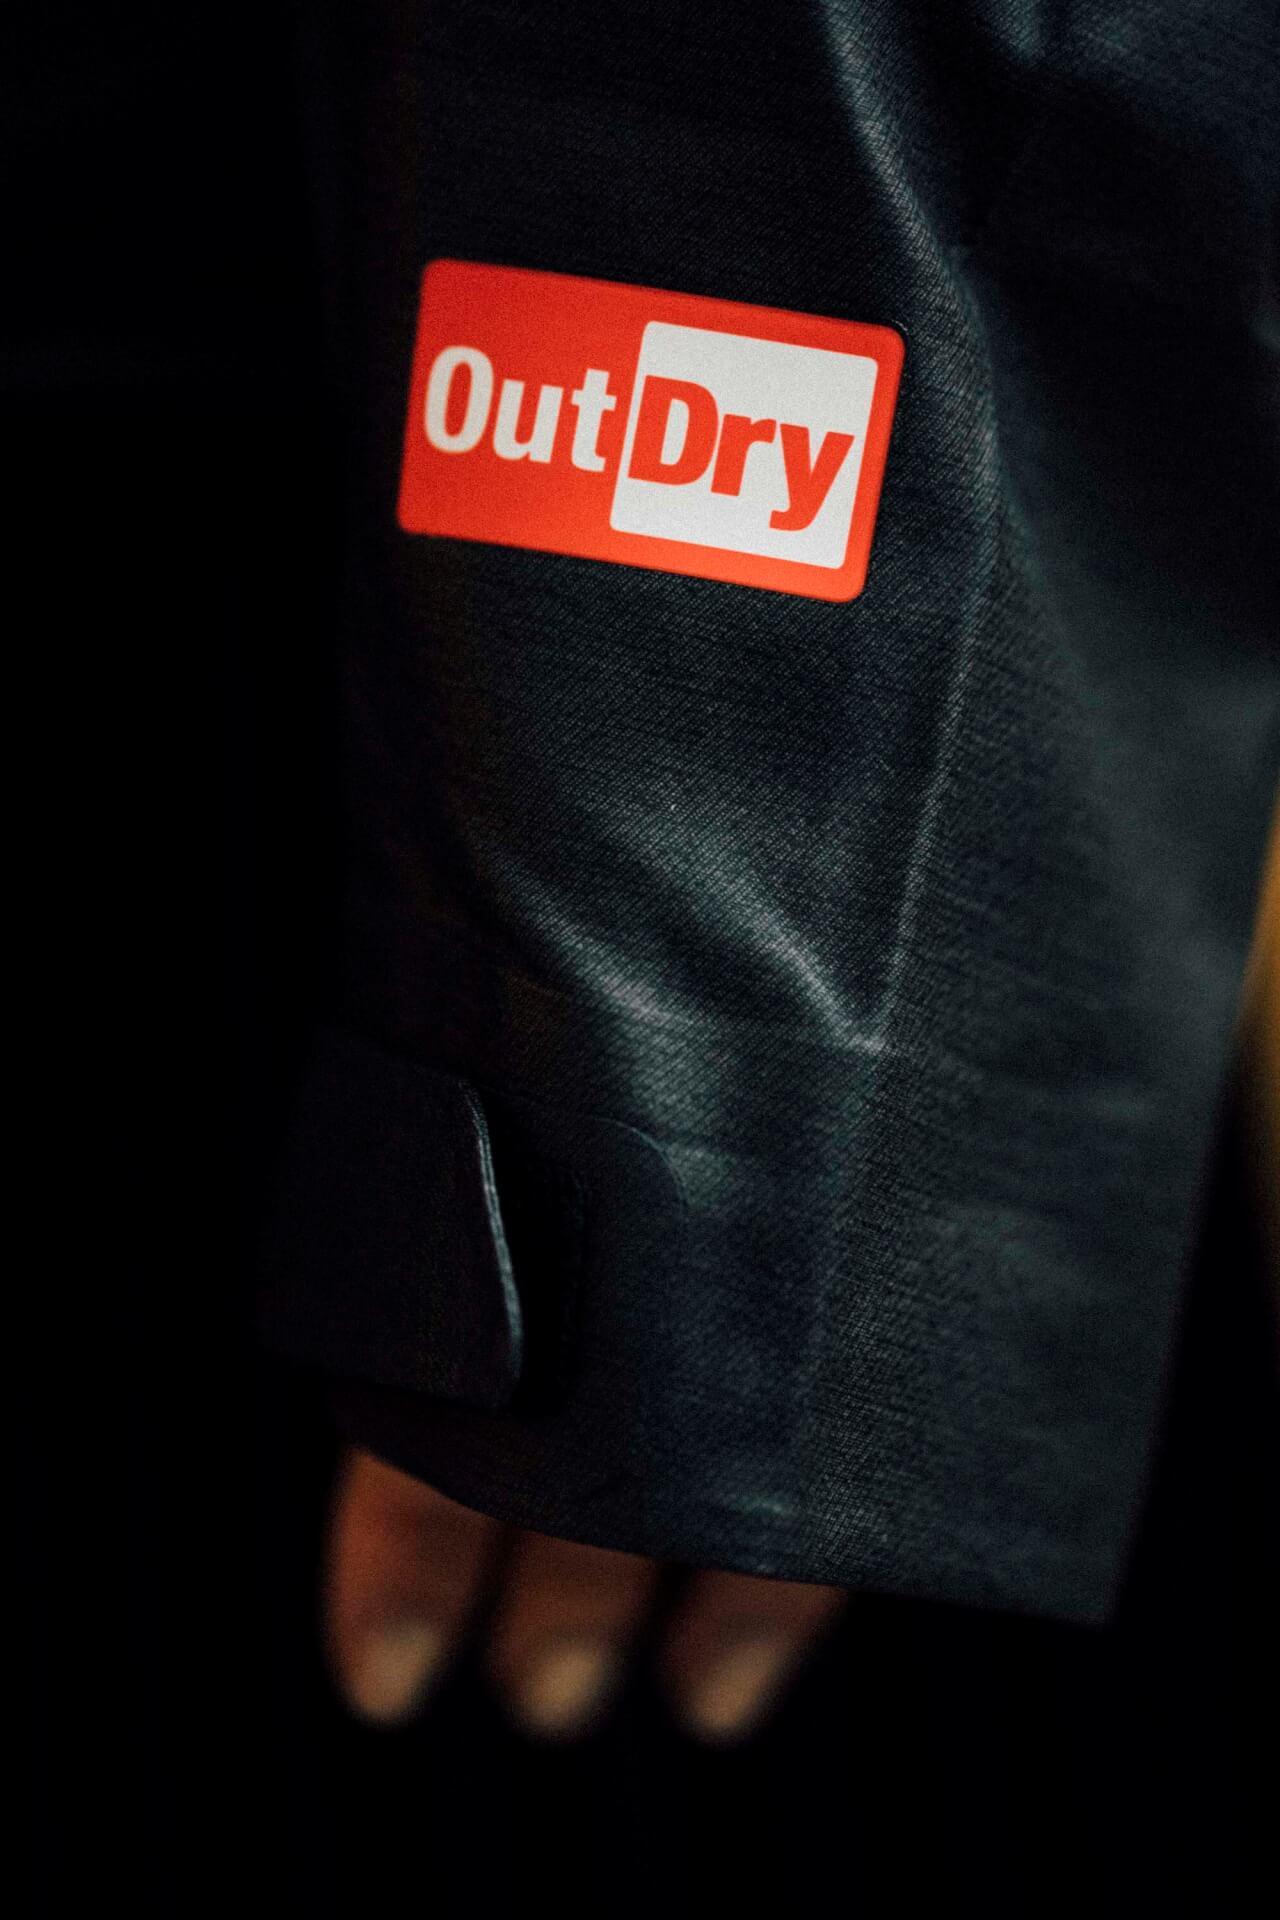 OUTDRY EXTREME & Amy|都会のアウトドアライフ fashion_columbia_20